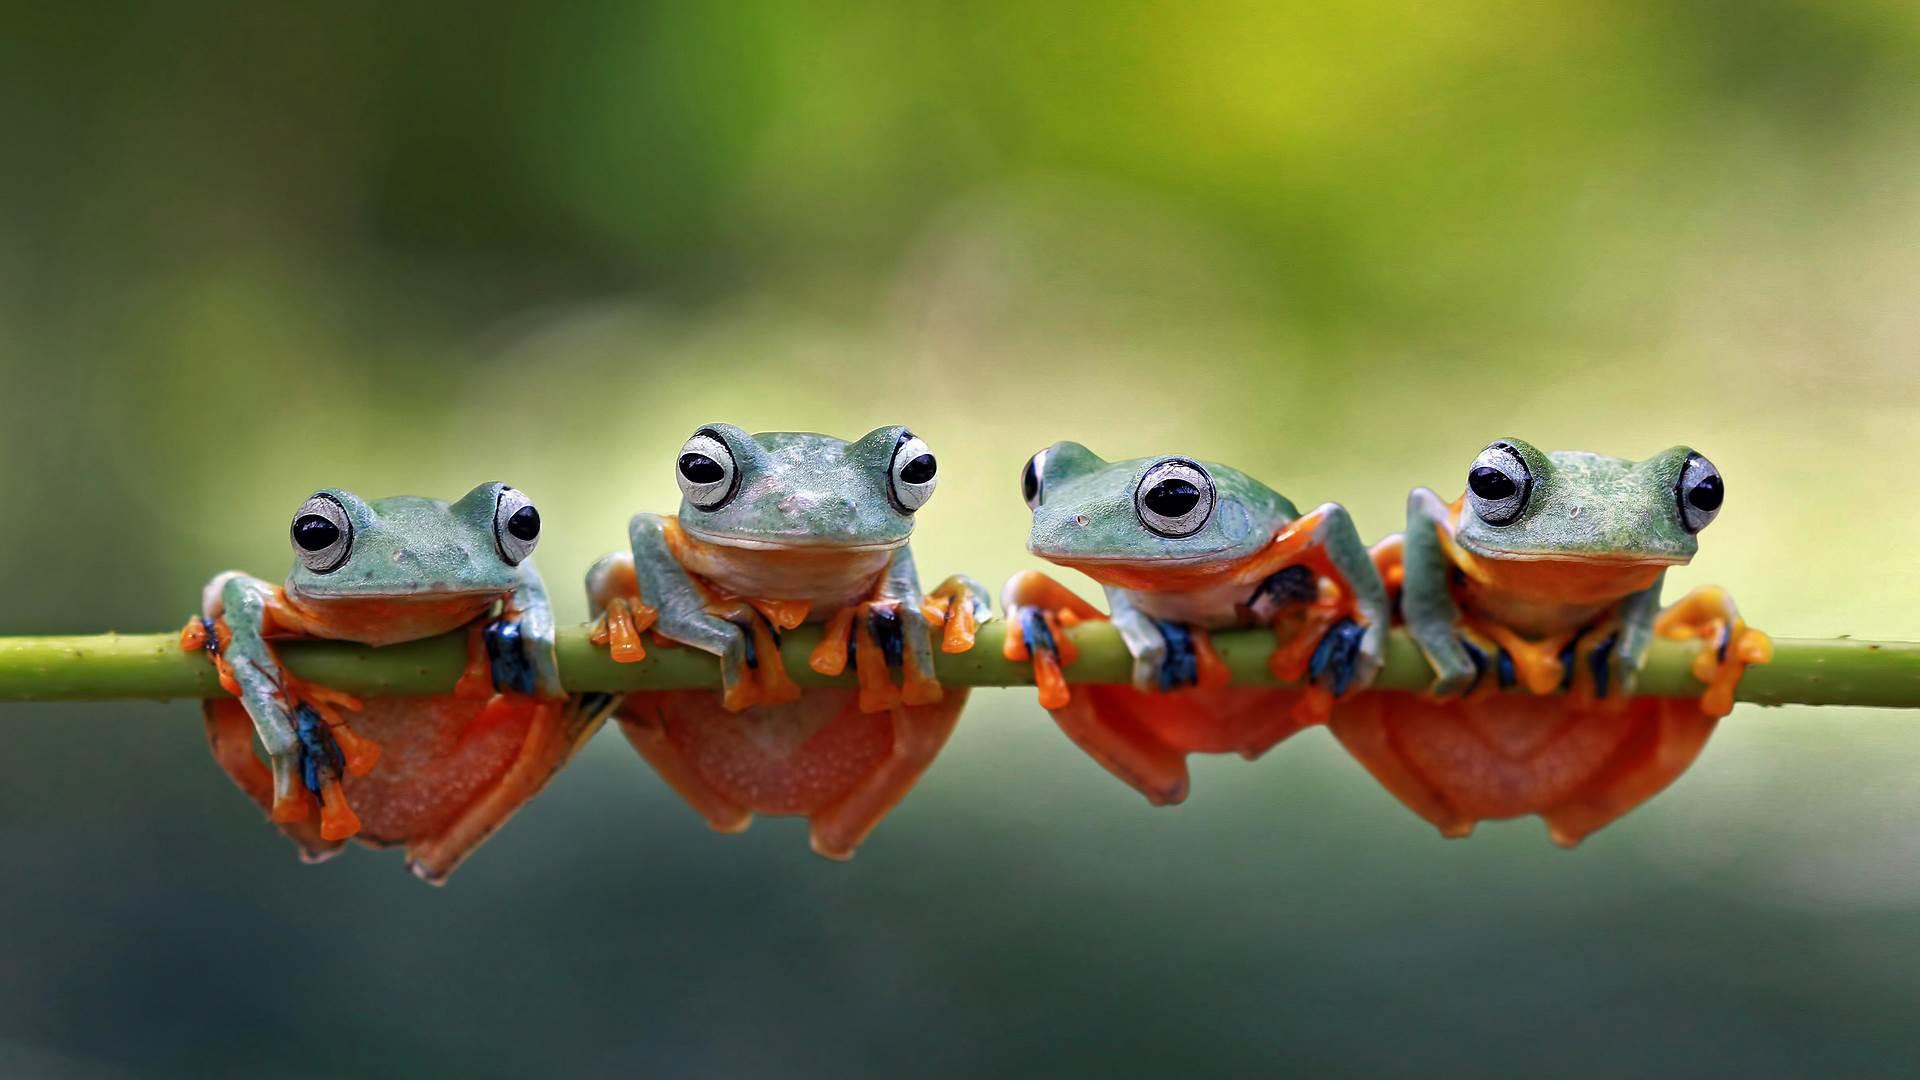 四只爪哇树蛙趴在树茎上,印度尼西亚